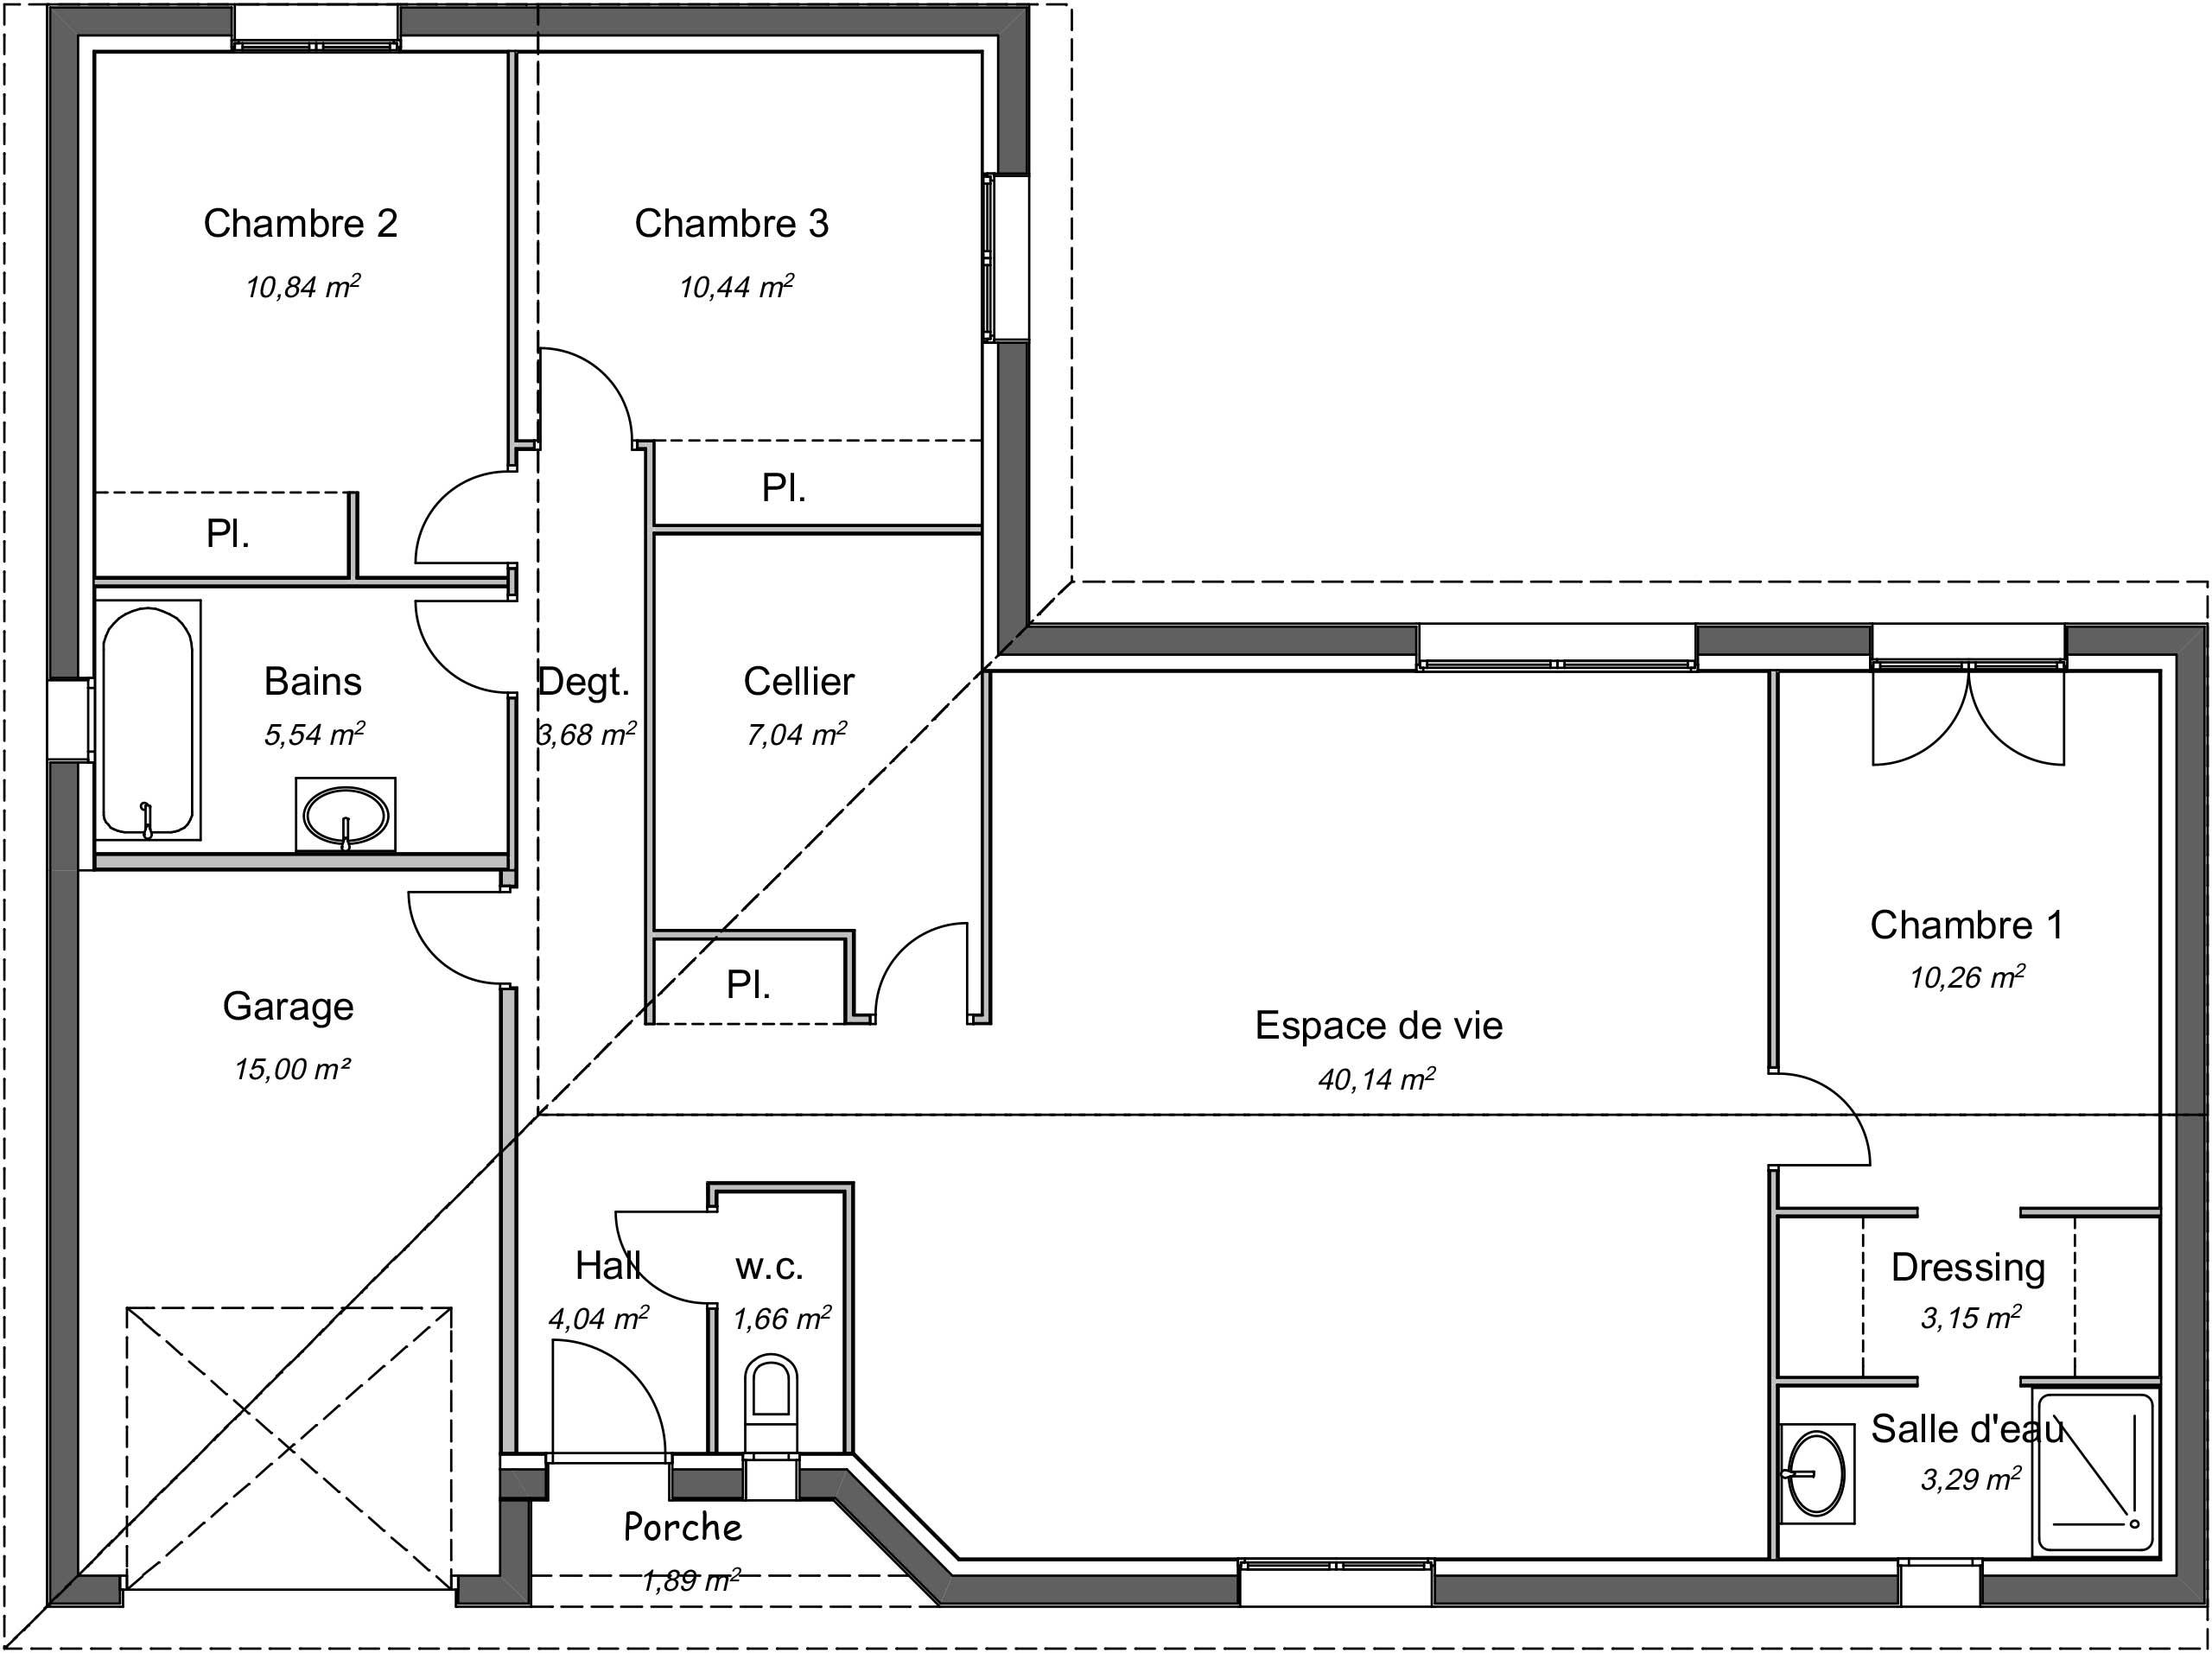 Maison contemporaine plain-pied Mélèze avec plans - Demeures d'Aquitaine Constructeur maison ...